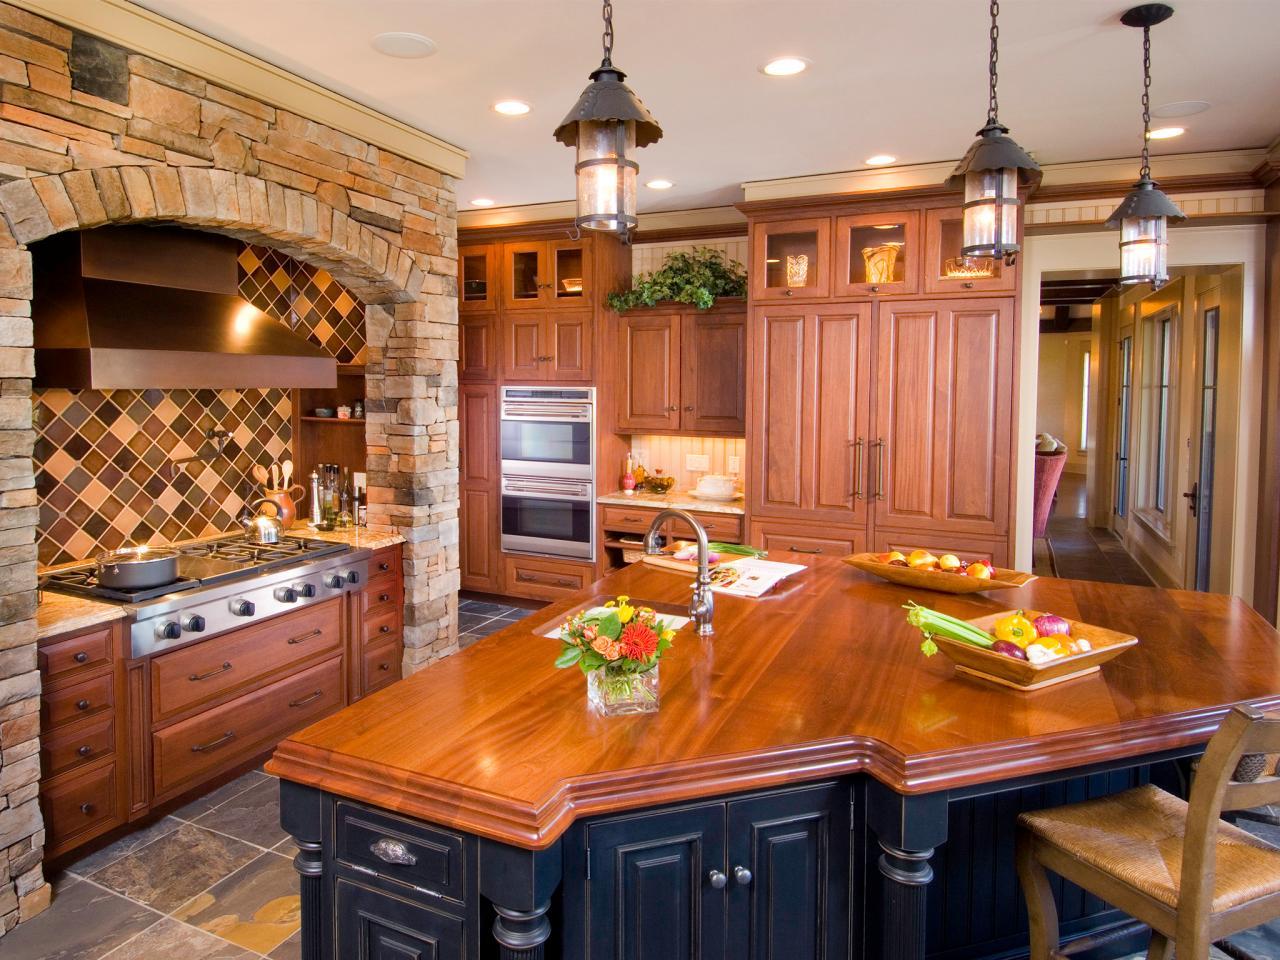 Деревянные кухонные столешницы из полированного дерева- фото 1